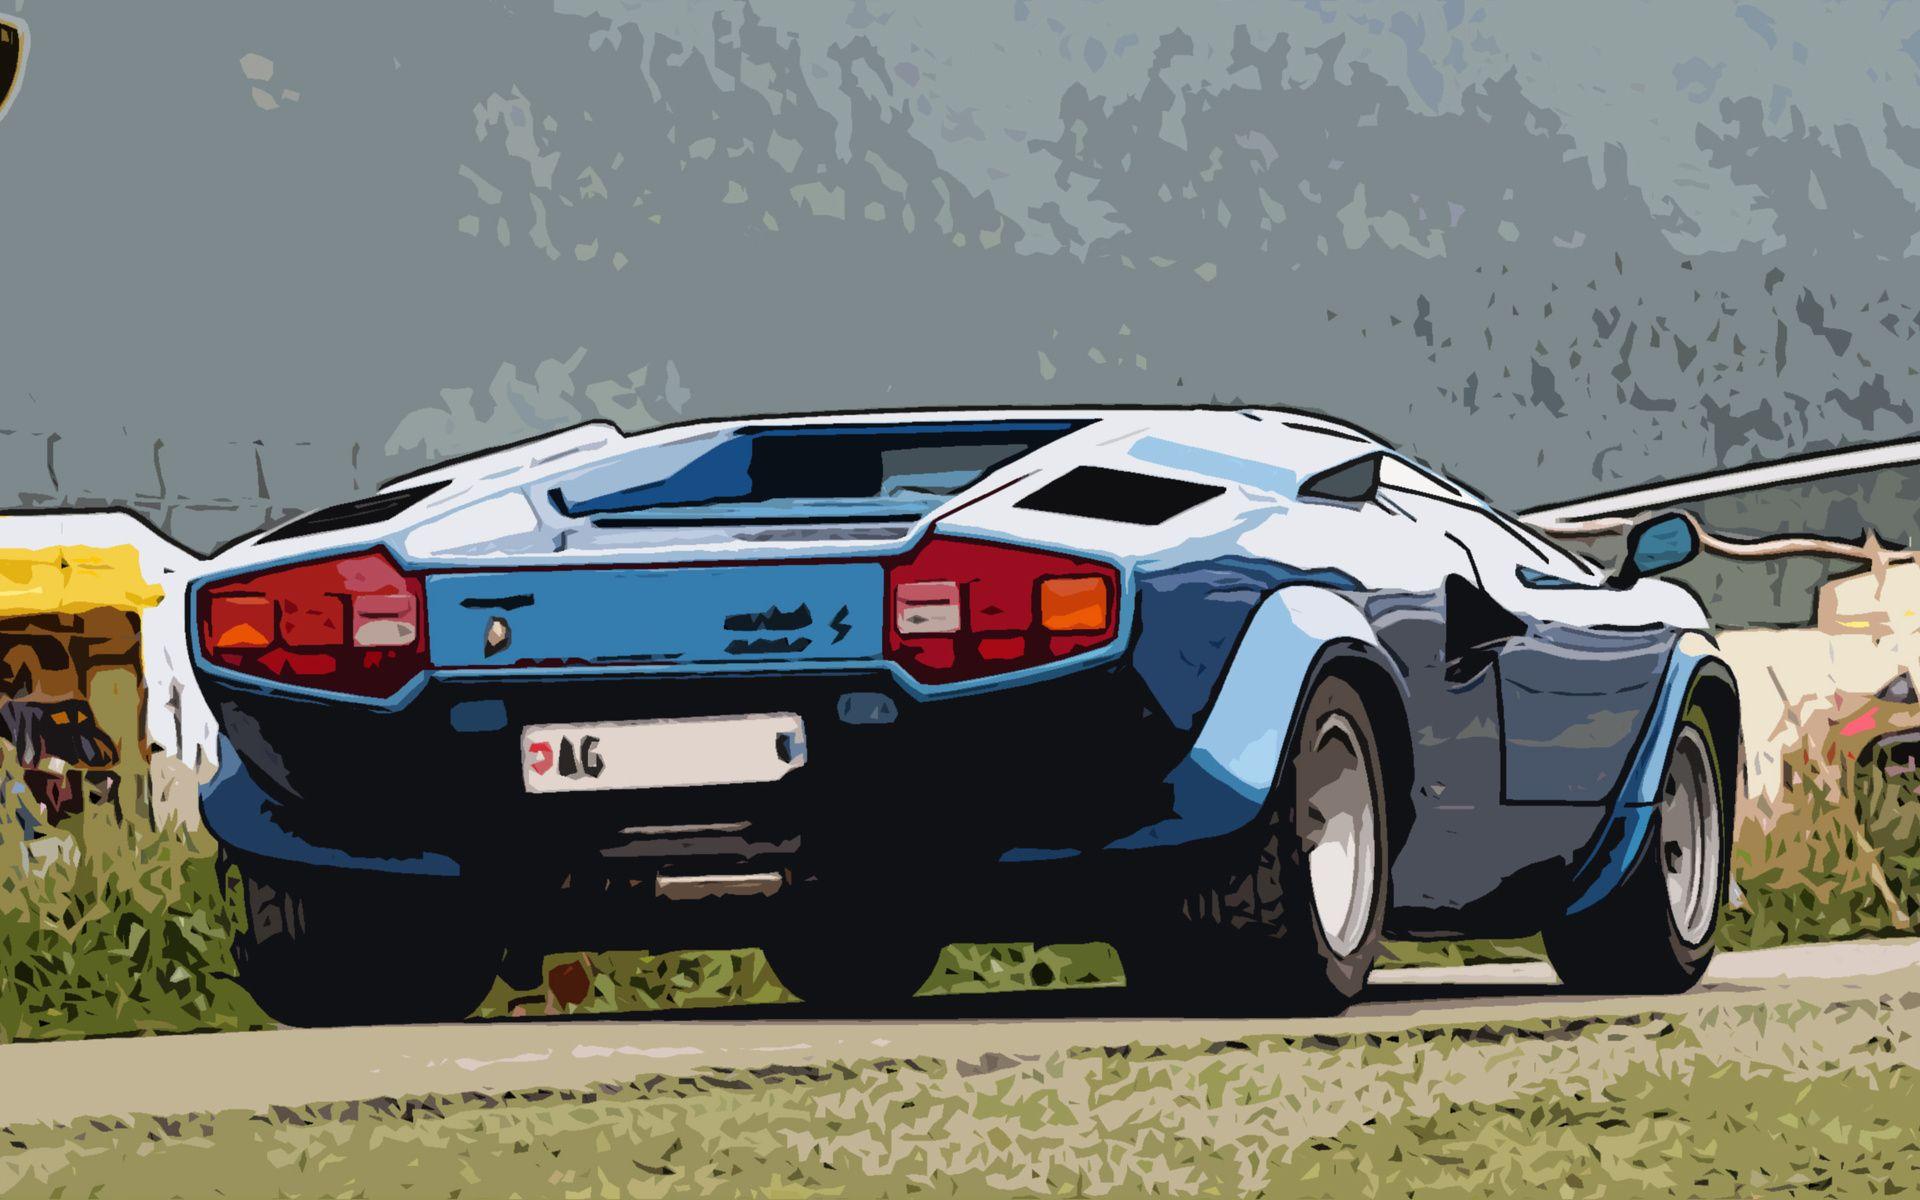 Lamborghini Countach | ... Countach | Wallpapers de Countach | Fondos de escritorio de Countach